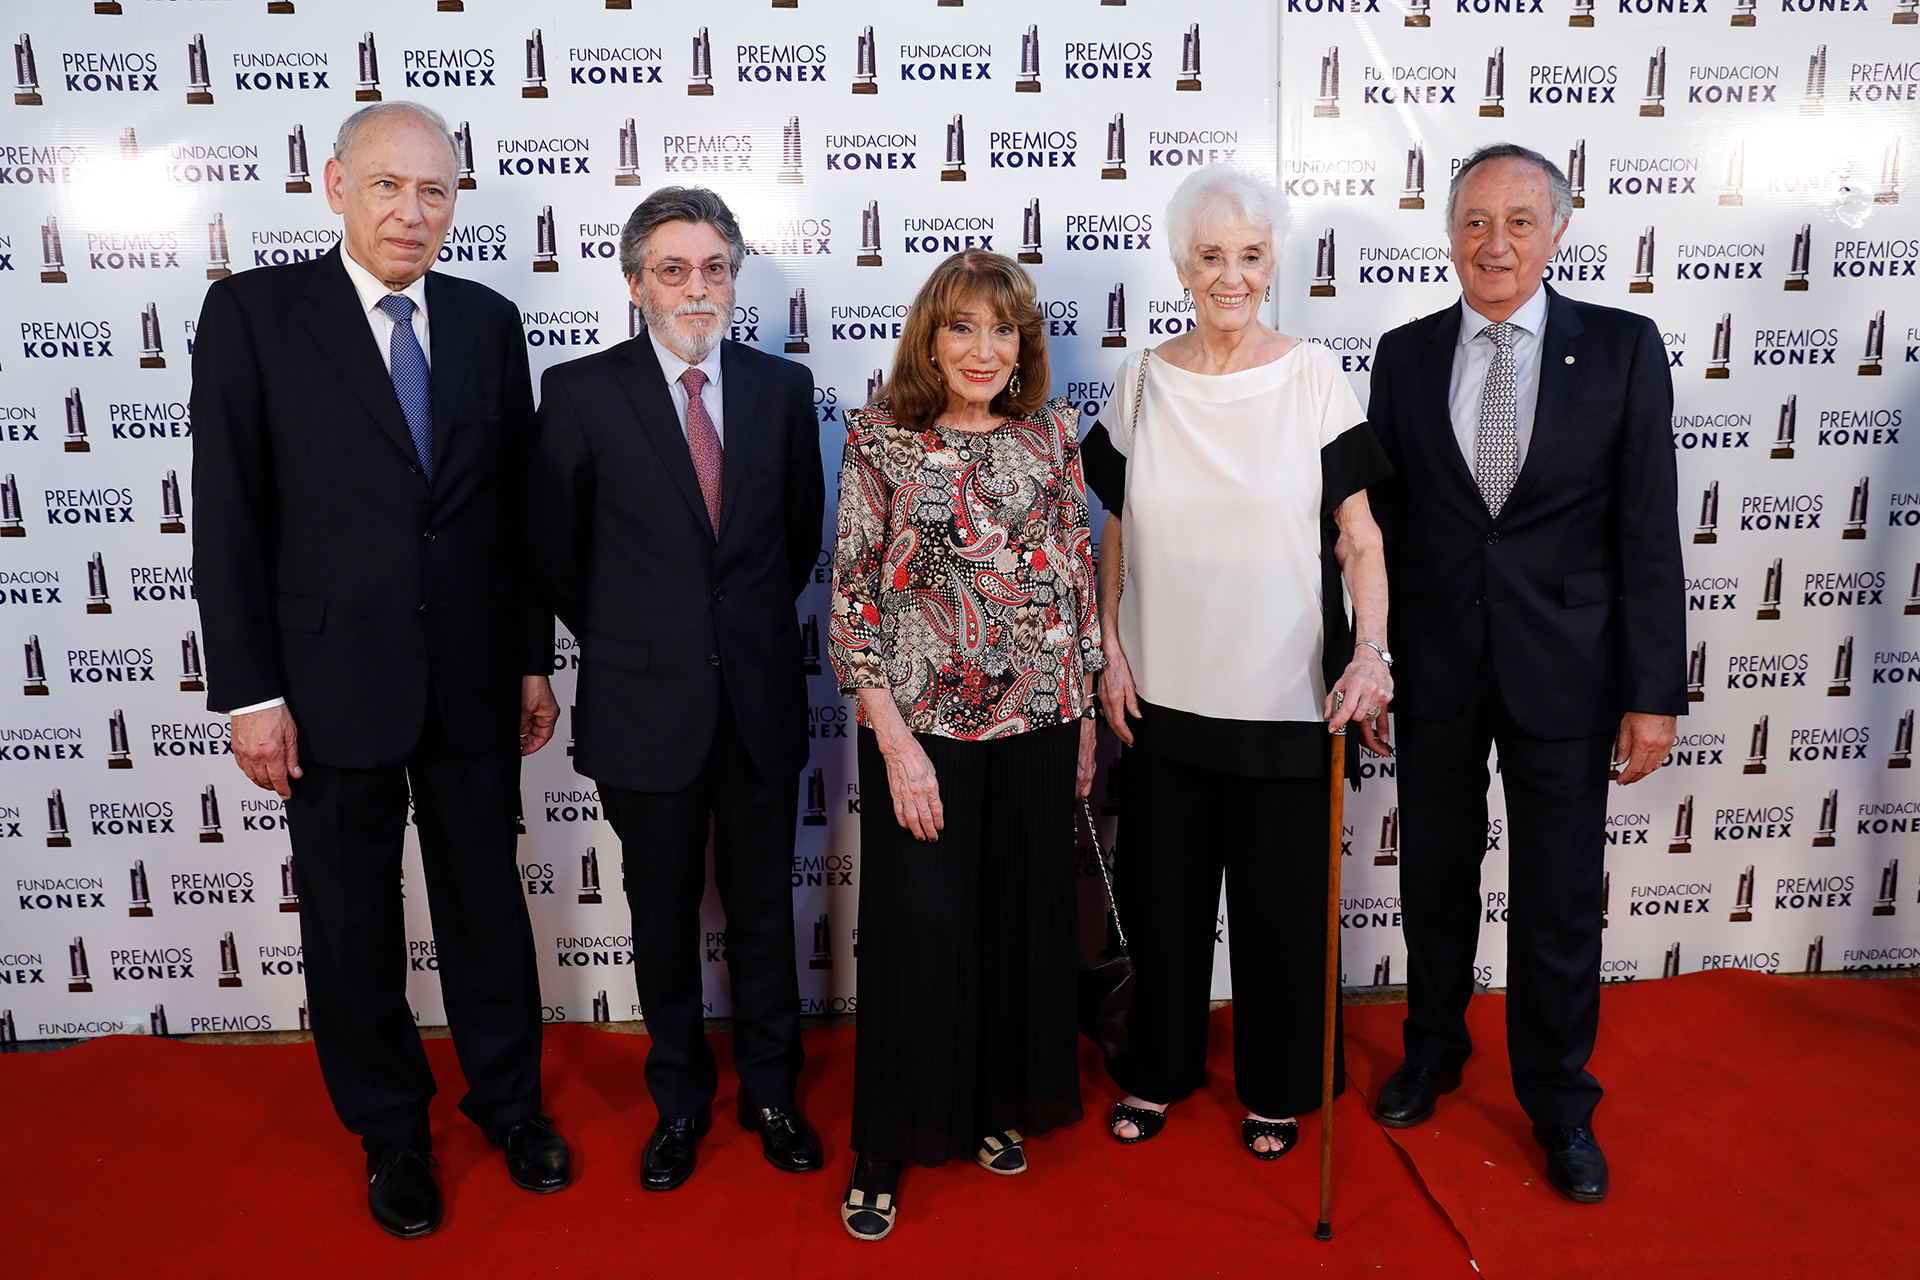 Luis Ovsejevich, Alberto Abad, Magdalena Ruiz Guiñazú, Graciela Fernández Meijide y Miguel Acevedo